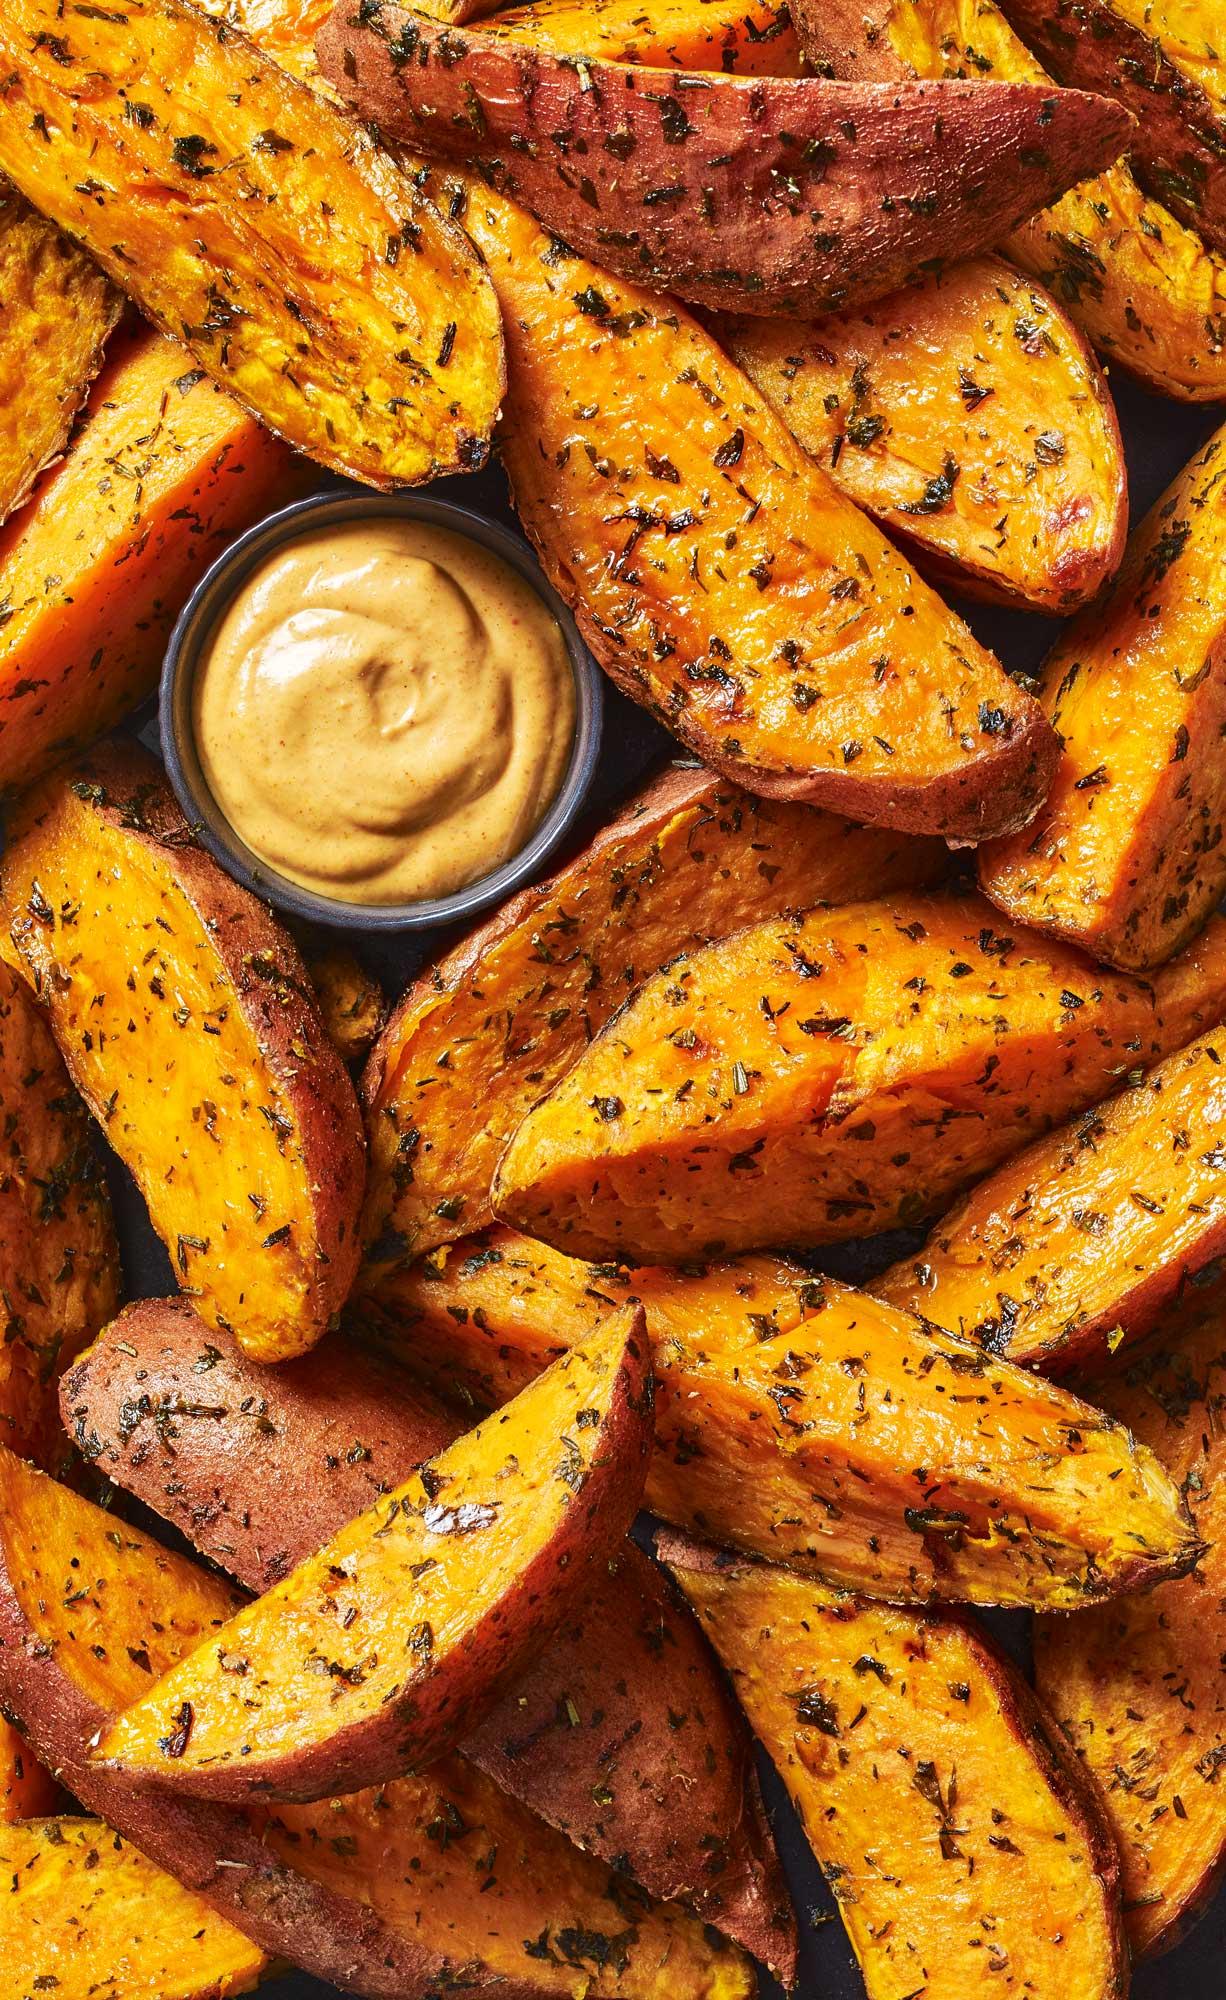 Stuart West - potato wedges